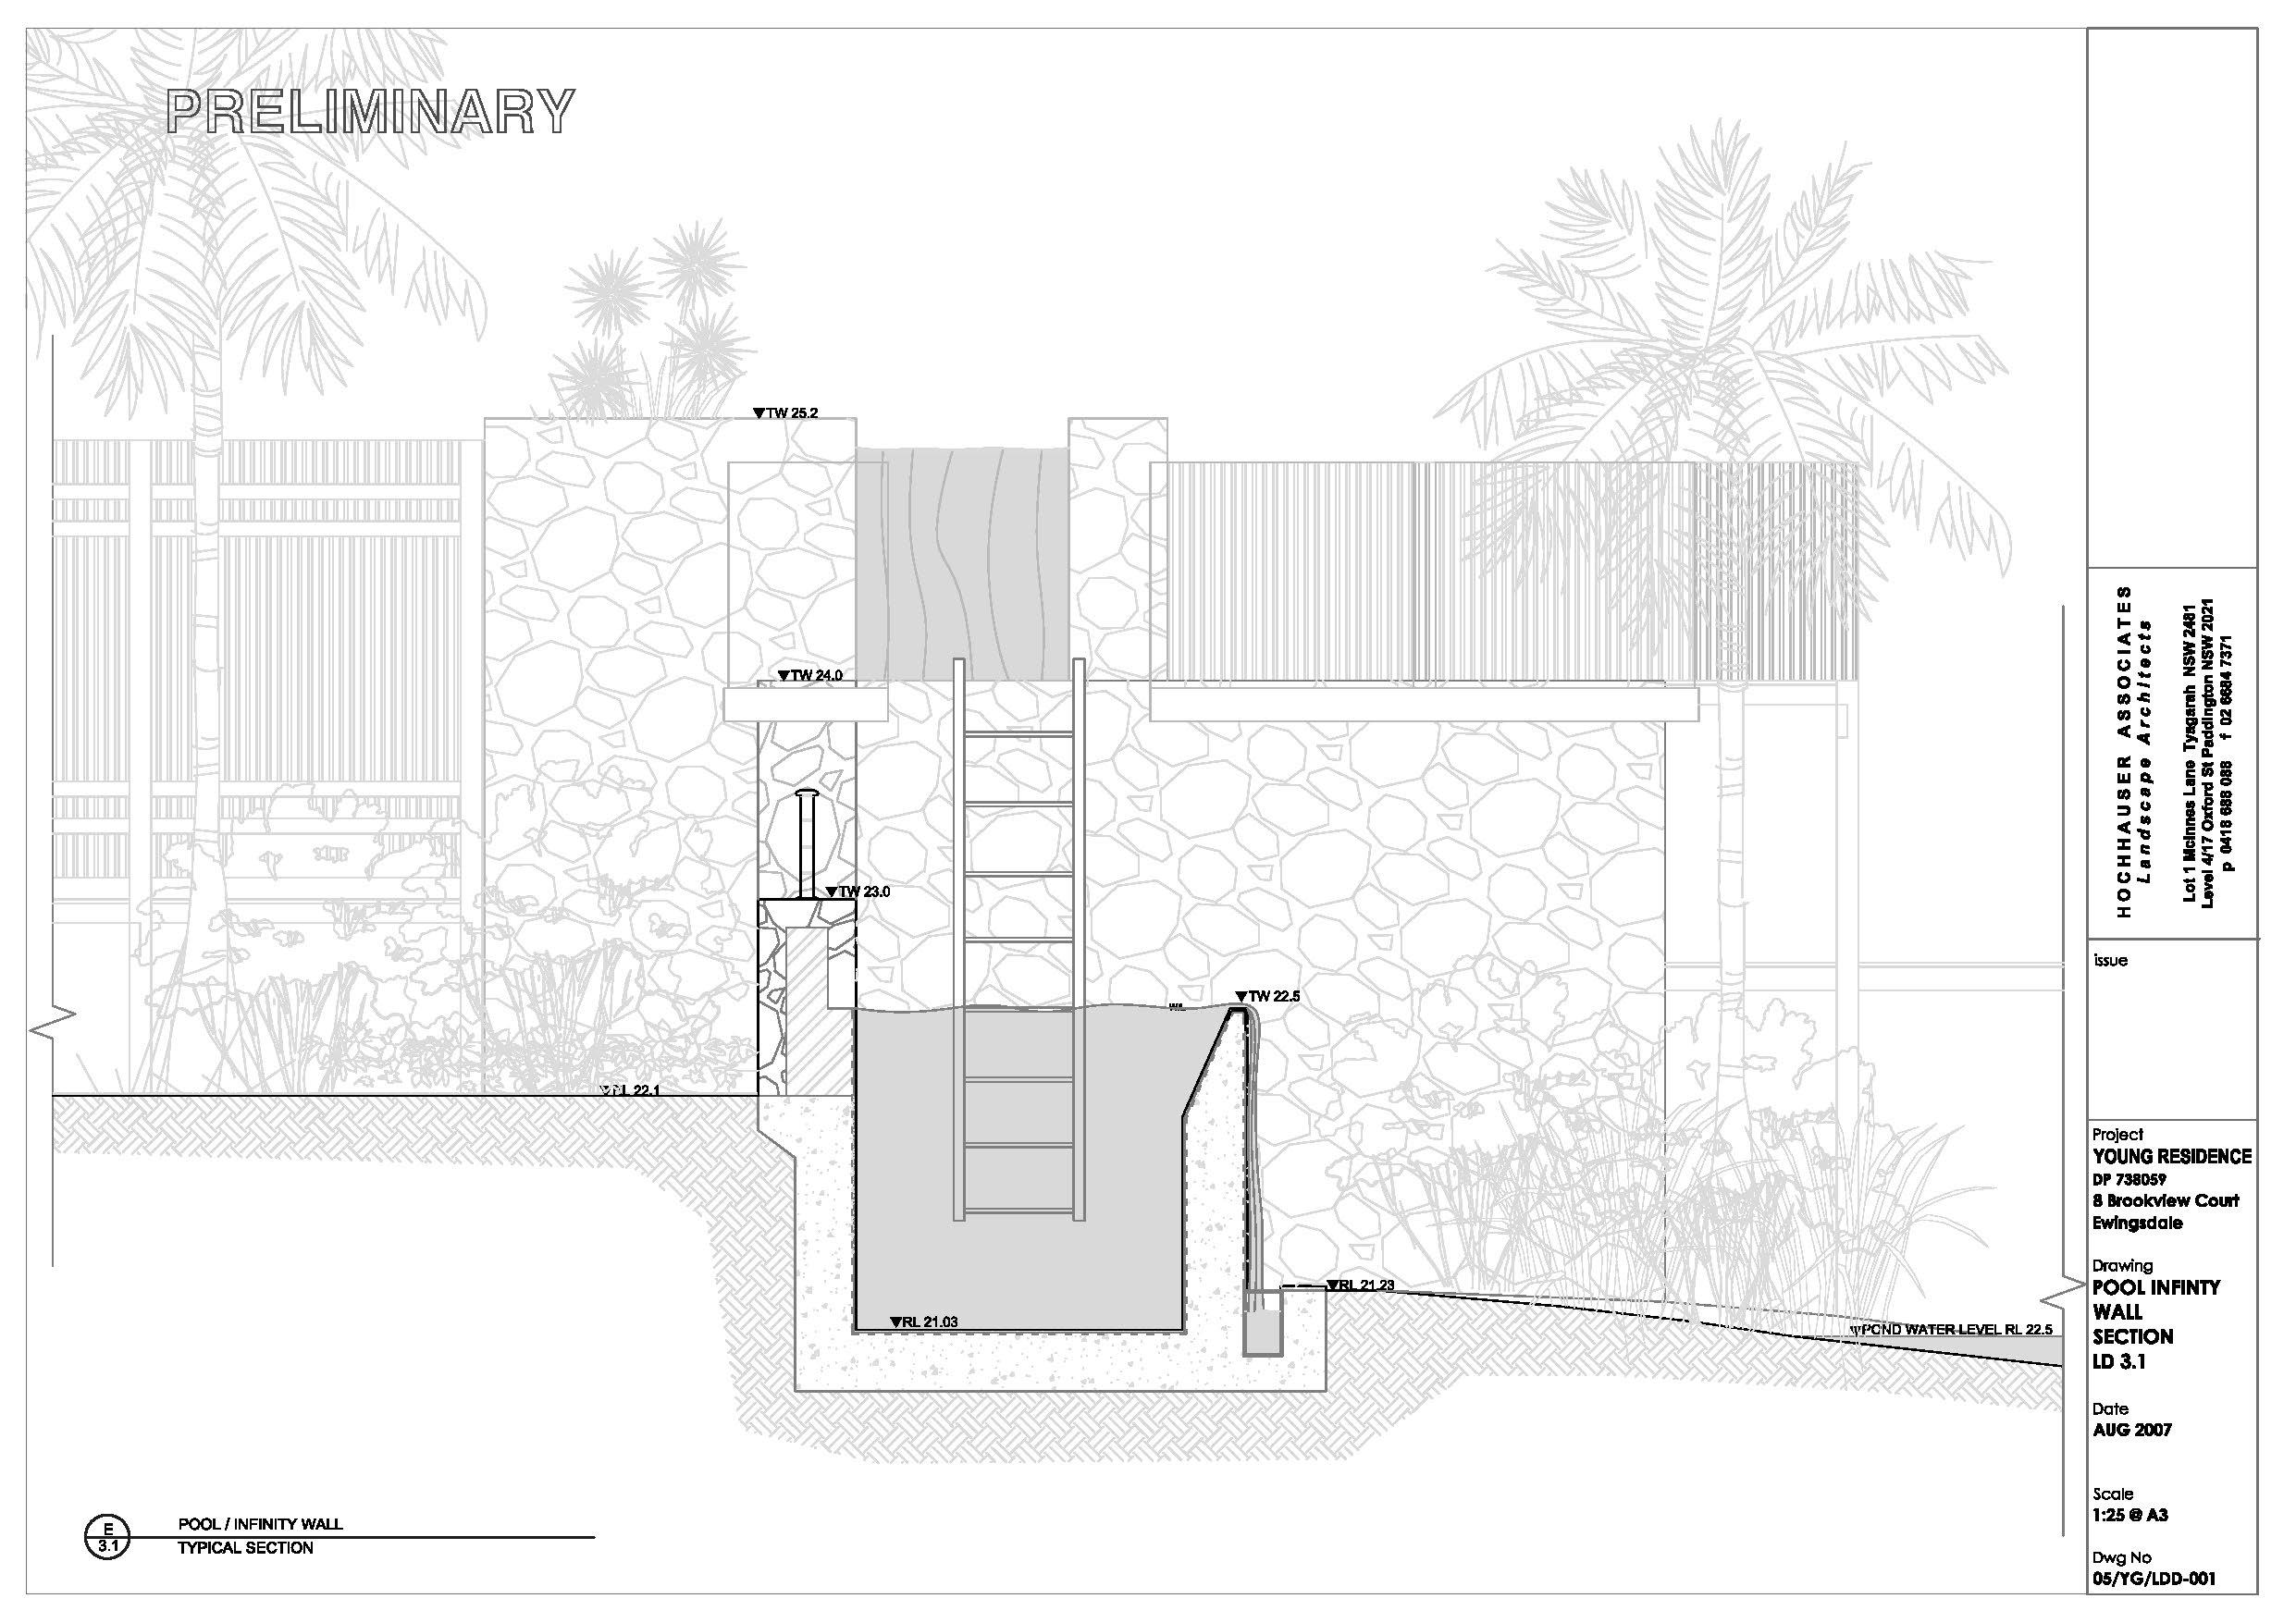 C pool wall.jpg